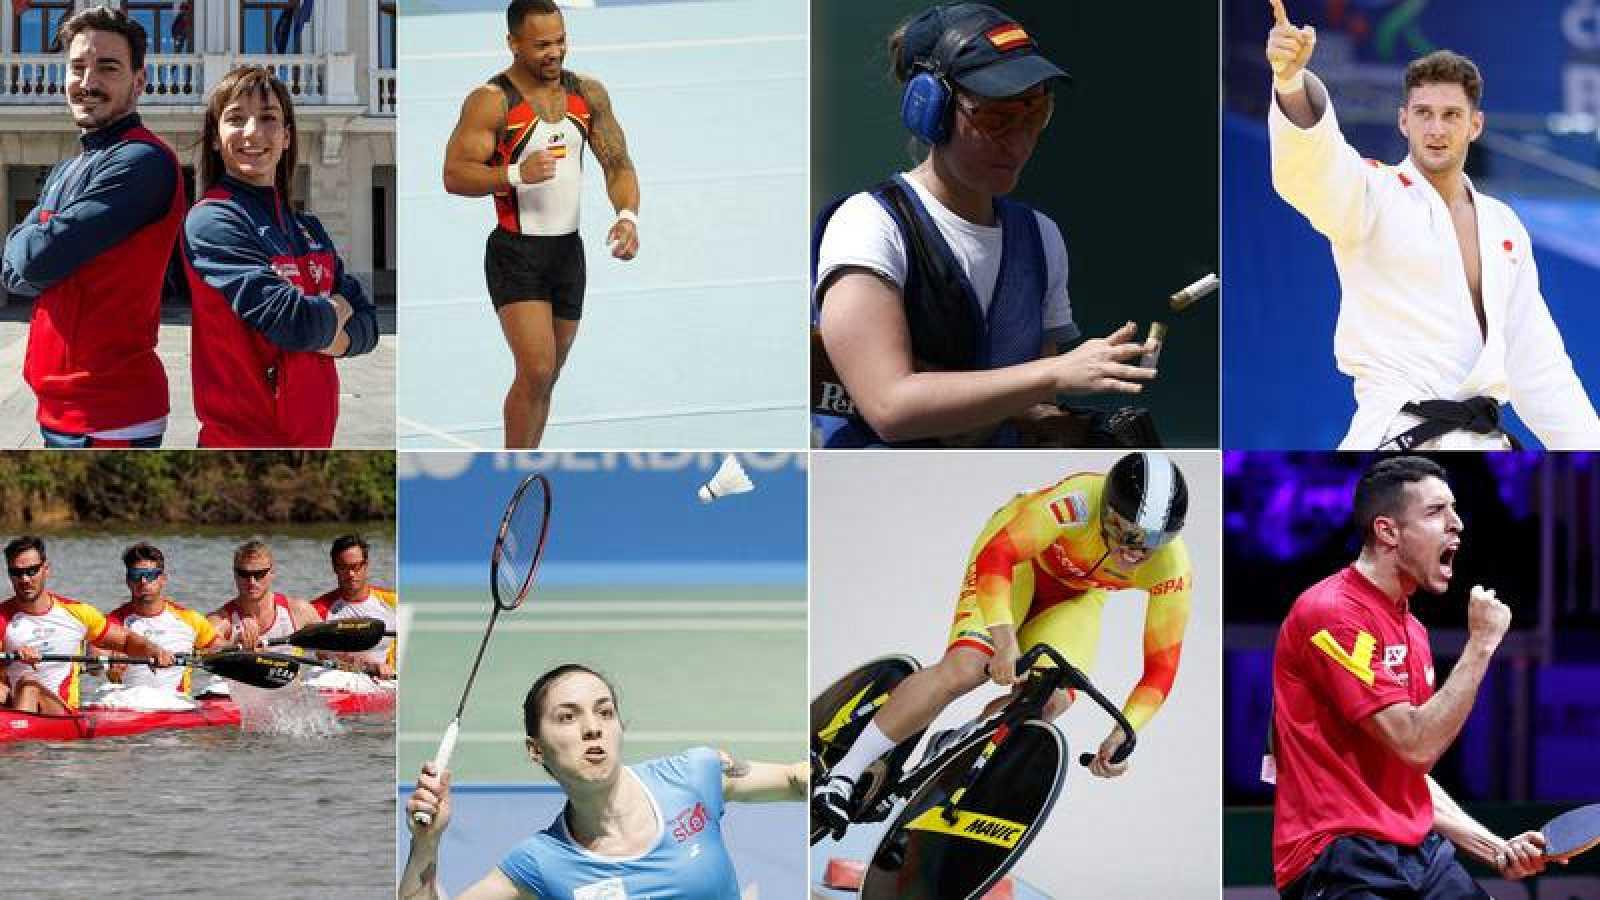 Los deportistas españoles se prueban en Minsk a un año de los Juegos de Tokio 2020